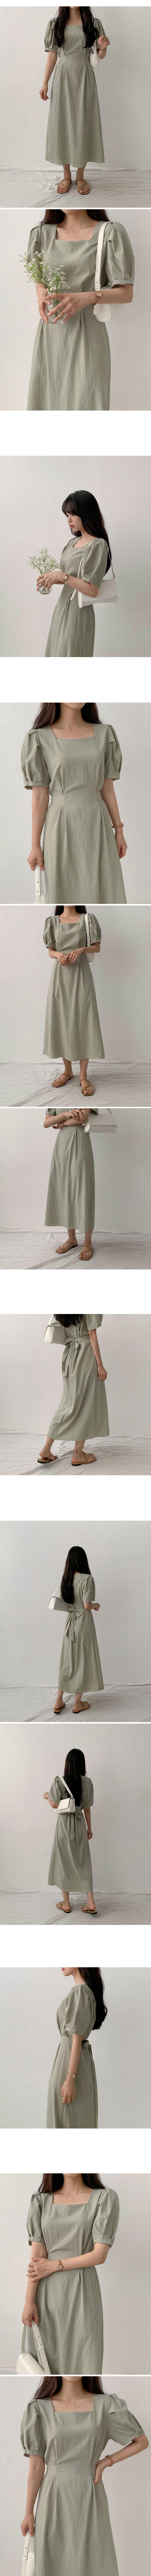 Regen strap slippers